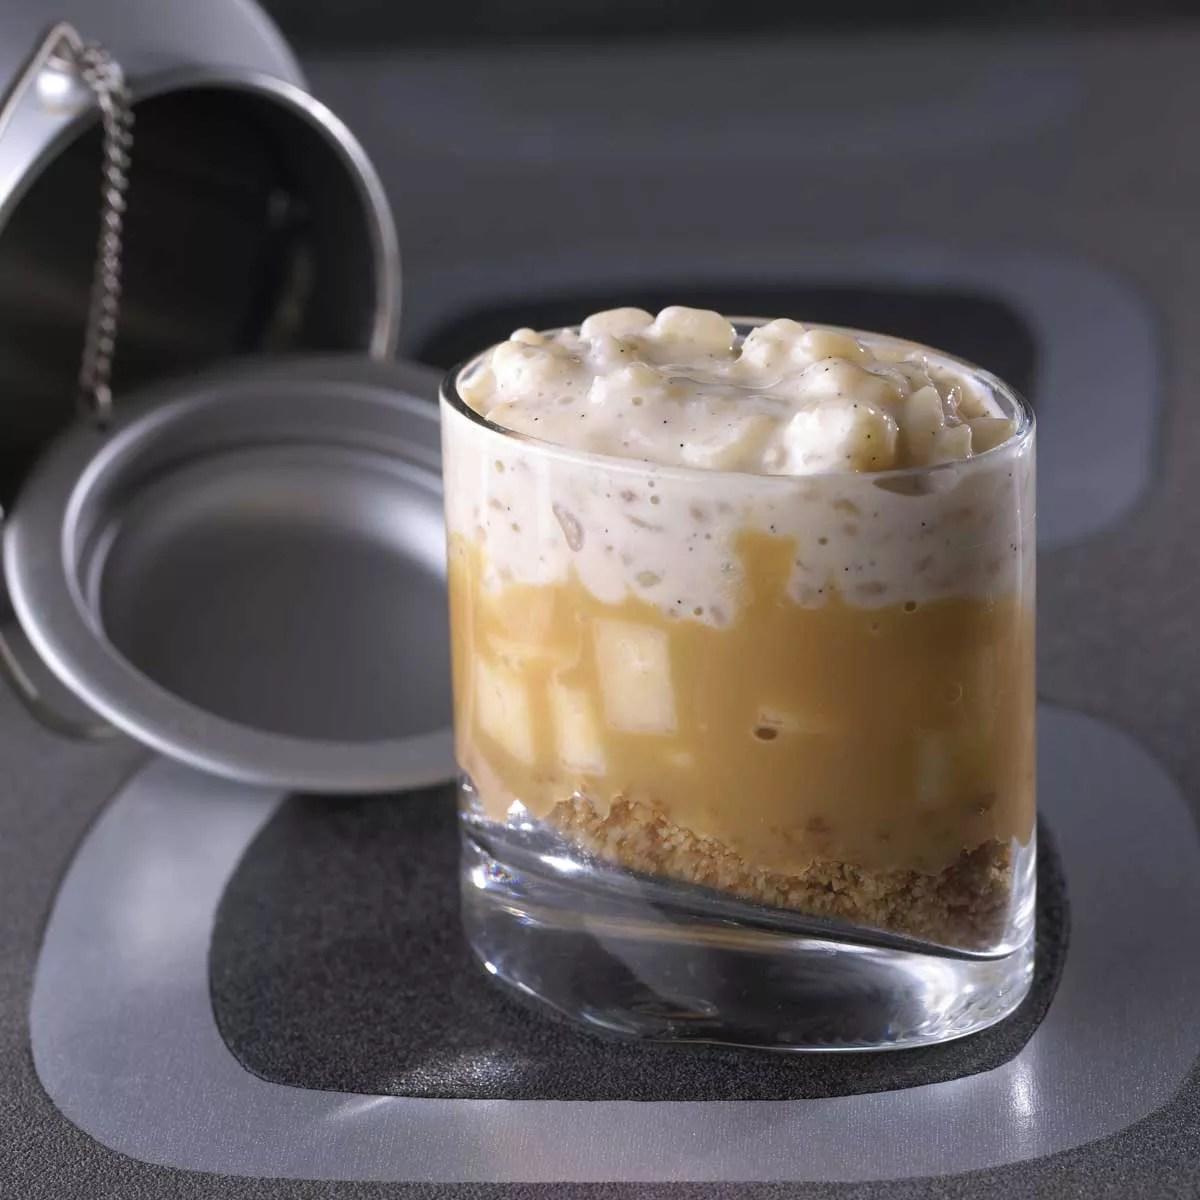 Riz au lait spculoos et confiture de lait  une recette Dessert  Cuisine  Le Figaro Madame